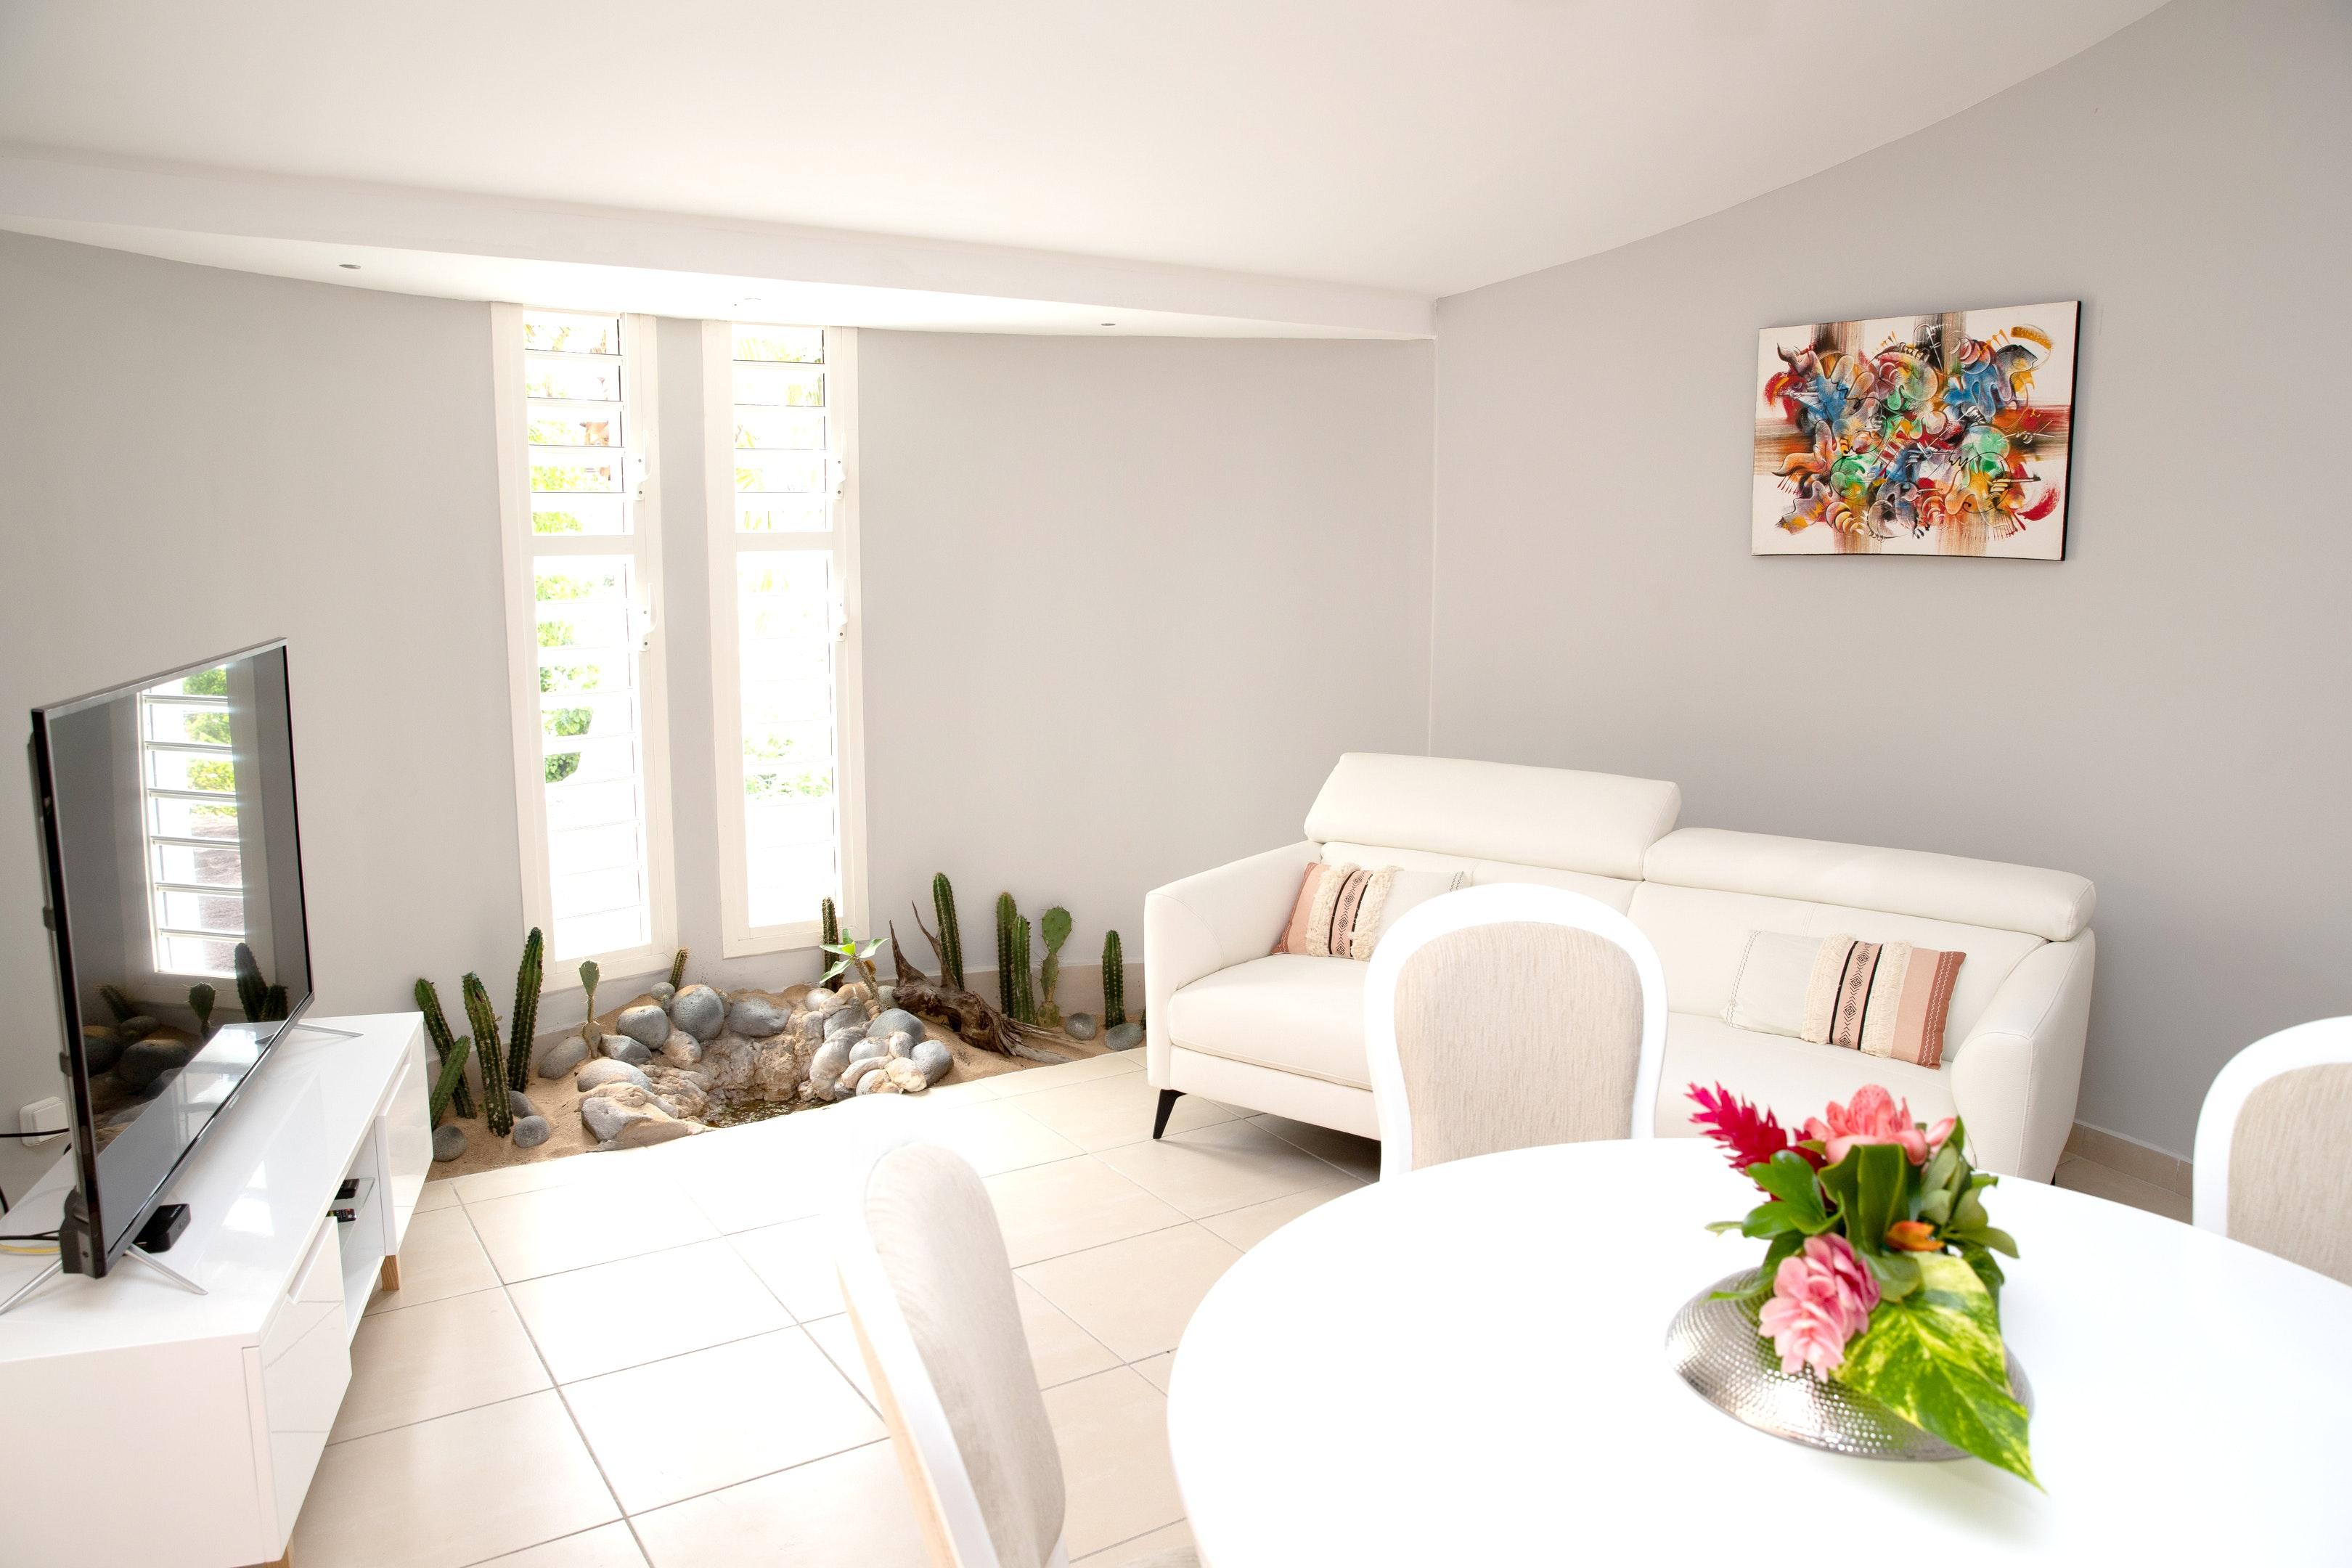 Haus mit 2 Schlafzimmern in Sainte-Anne mit Pool,  Ferienhaus in Guadeloupe